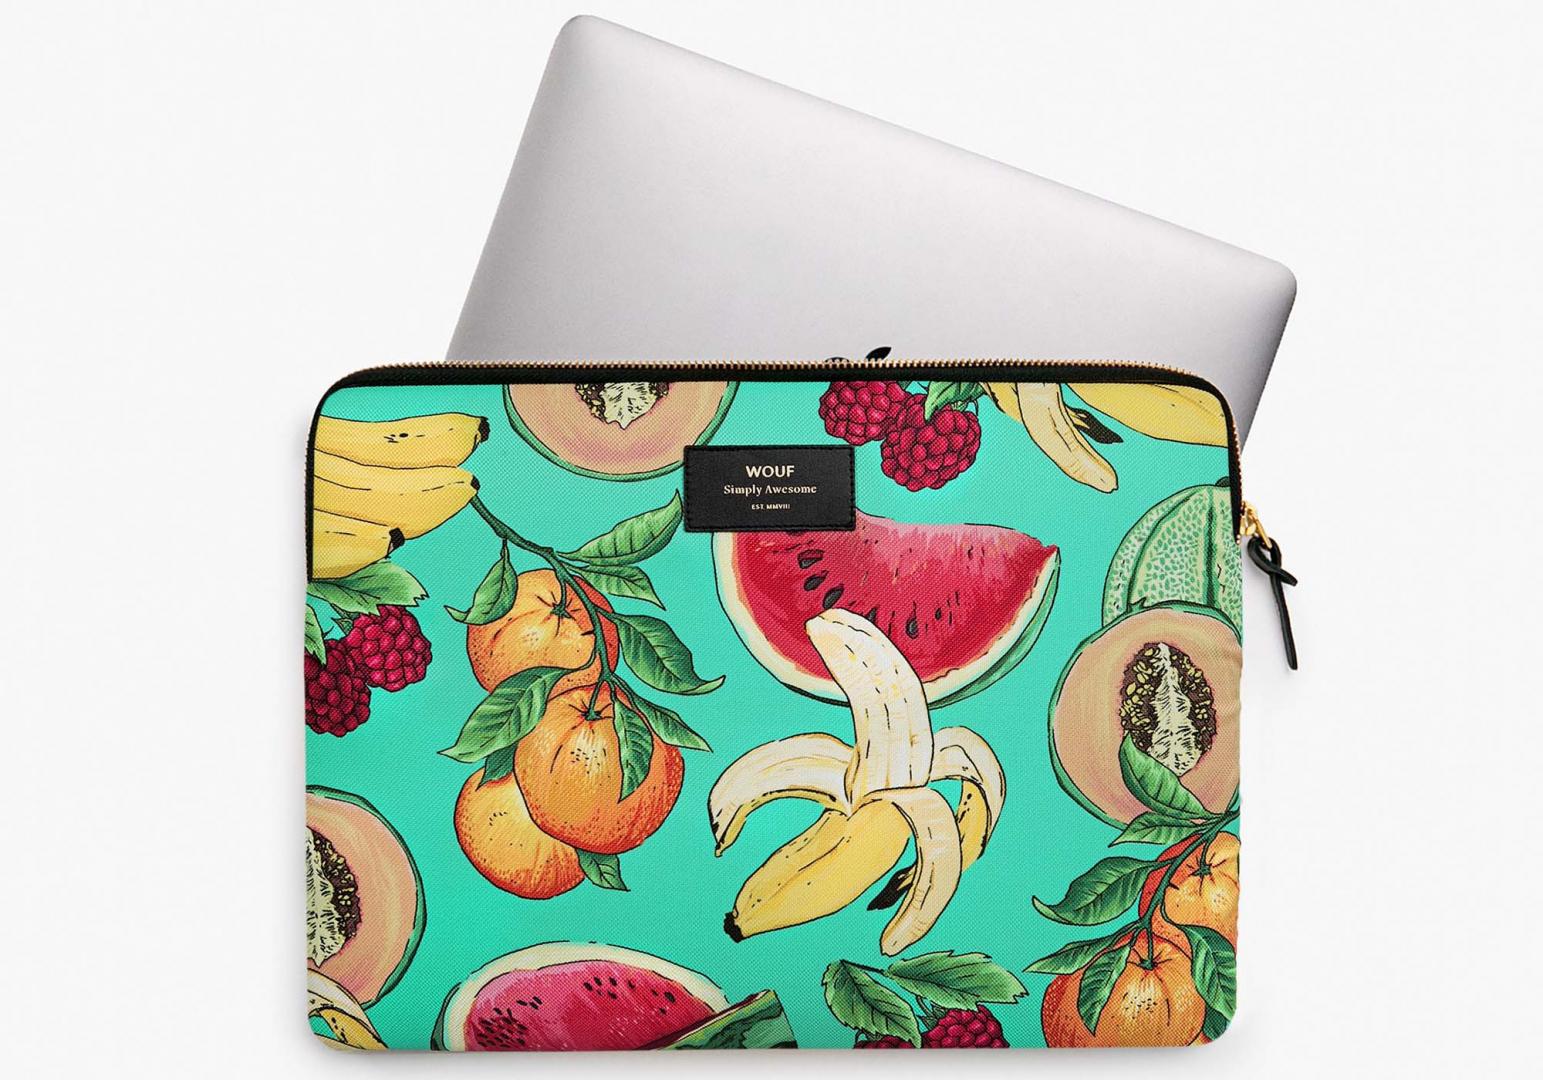 Housse Tutti Frutti macbook 13' - WOUF